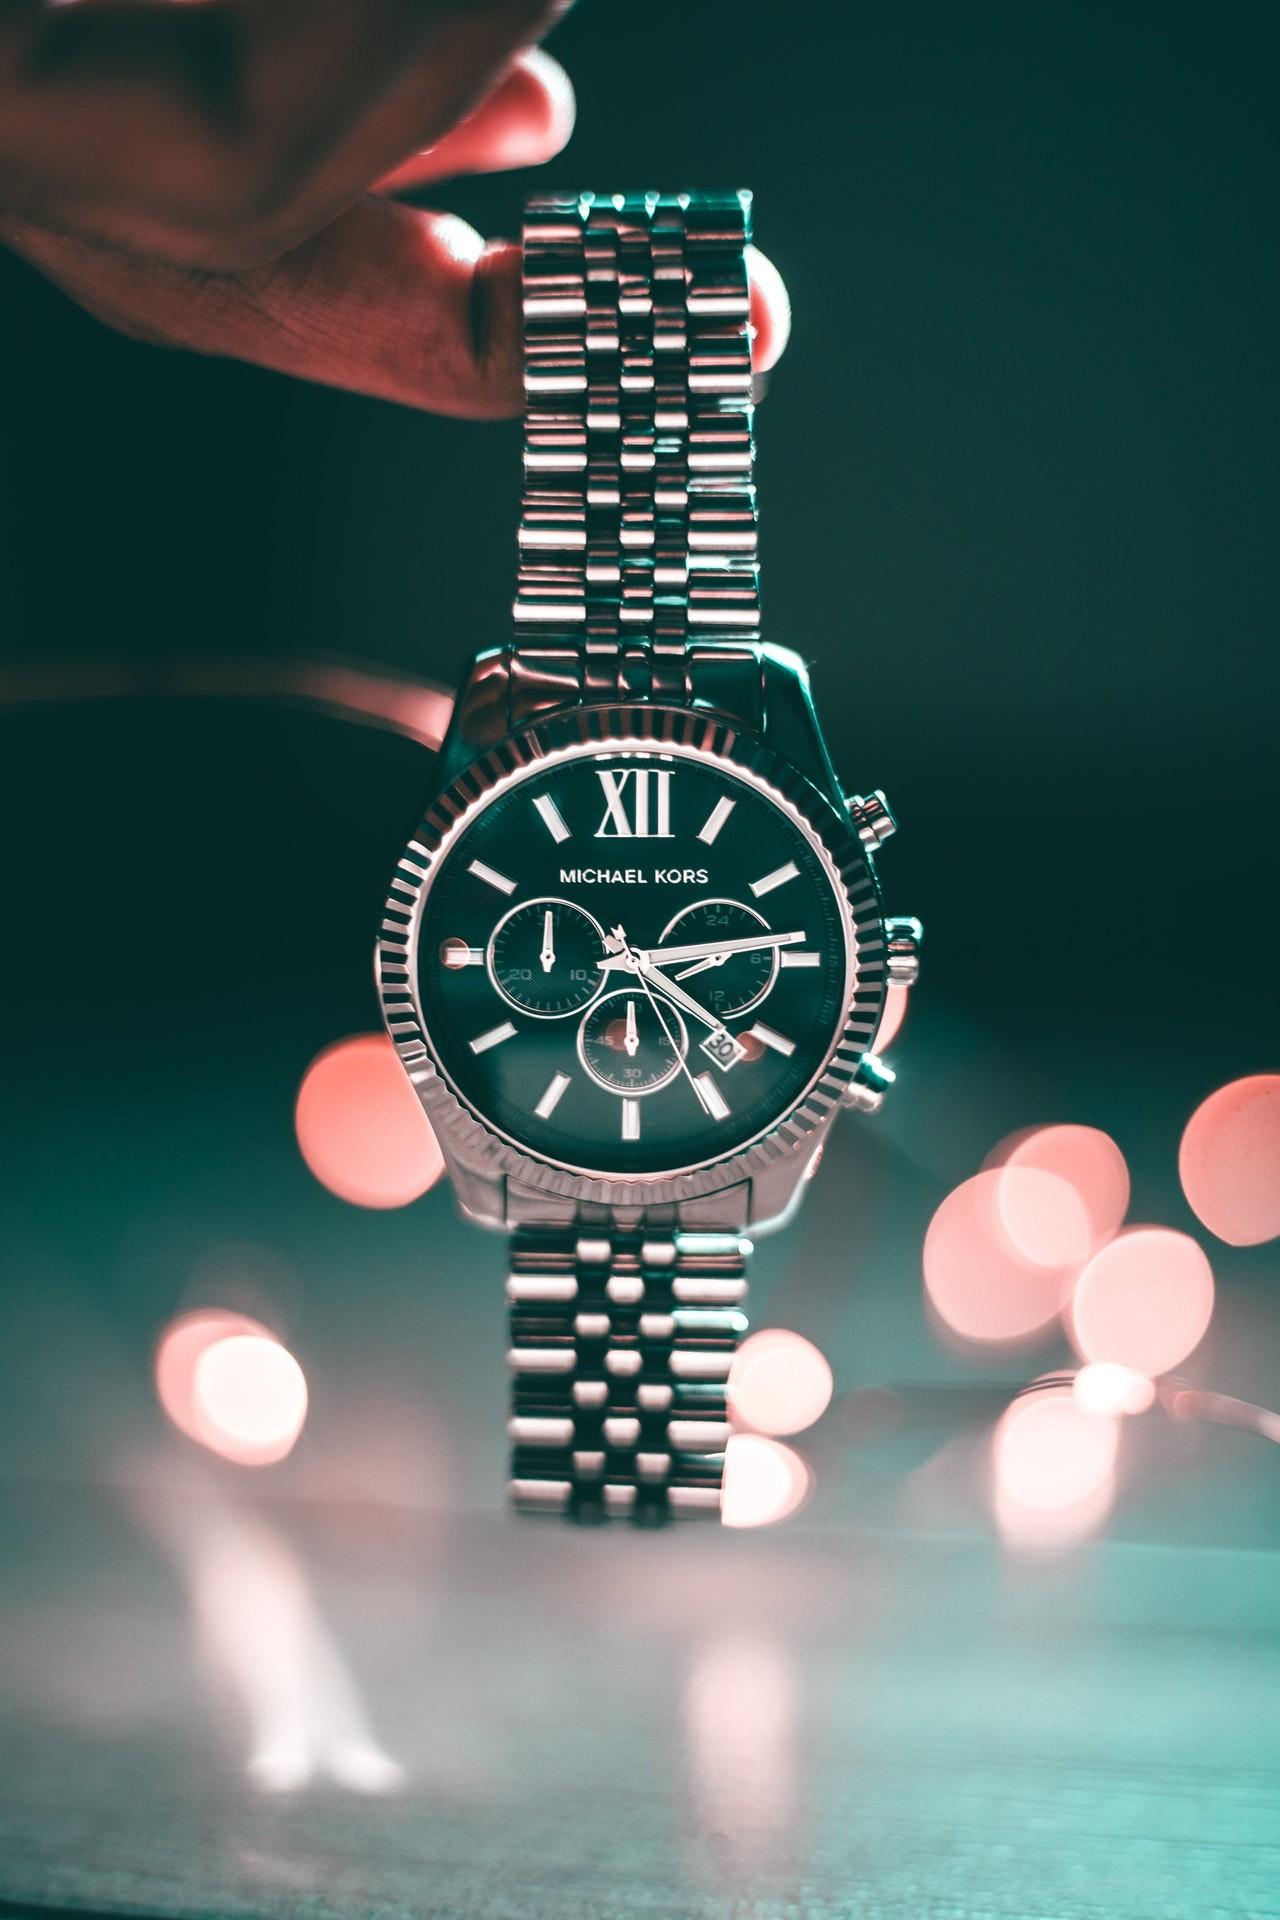 Schöne Uhren haben es verdient, sicher in einer Uhrenbox aufbewahrt werden.